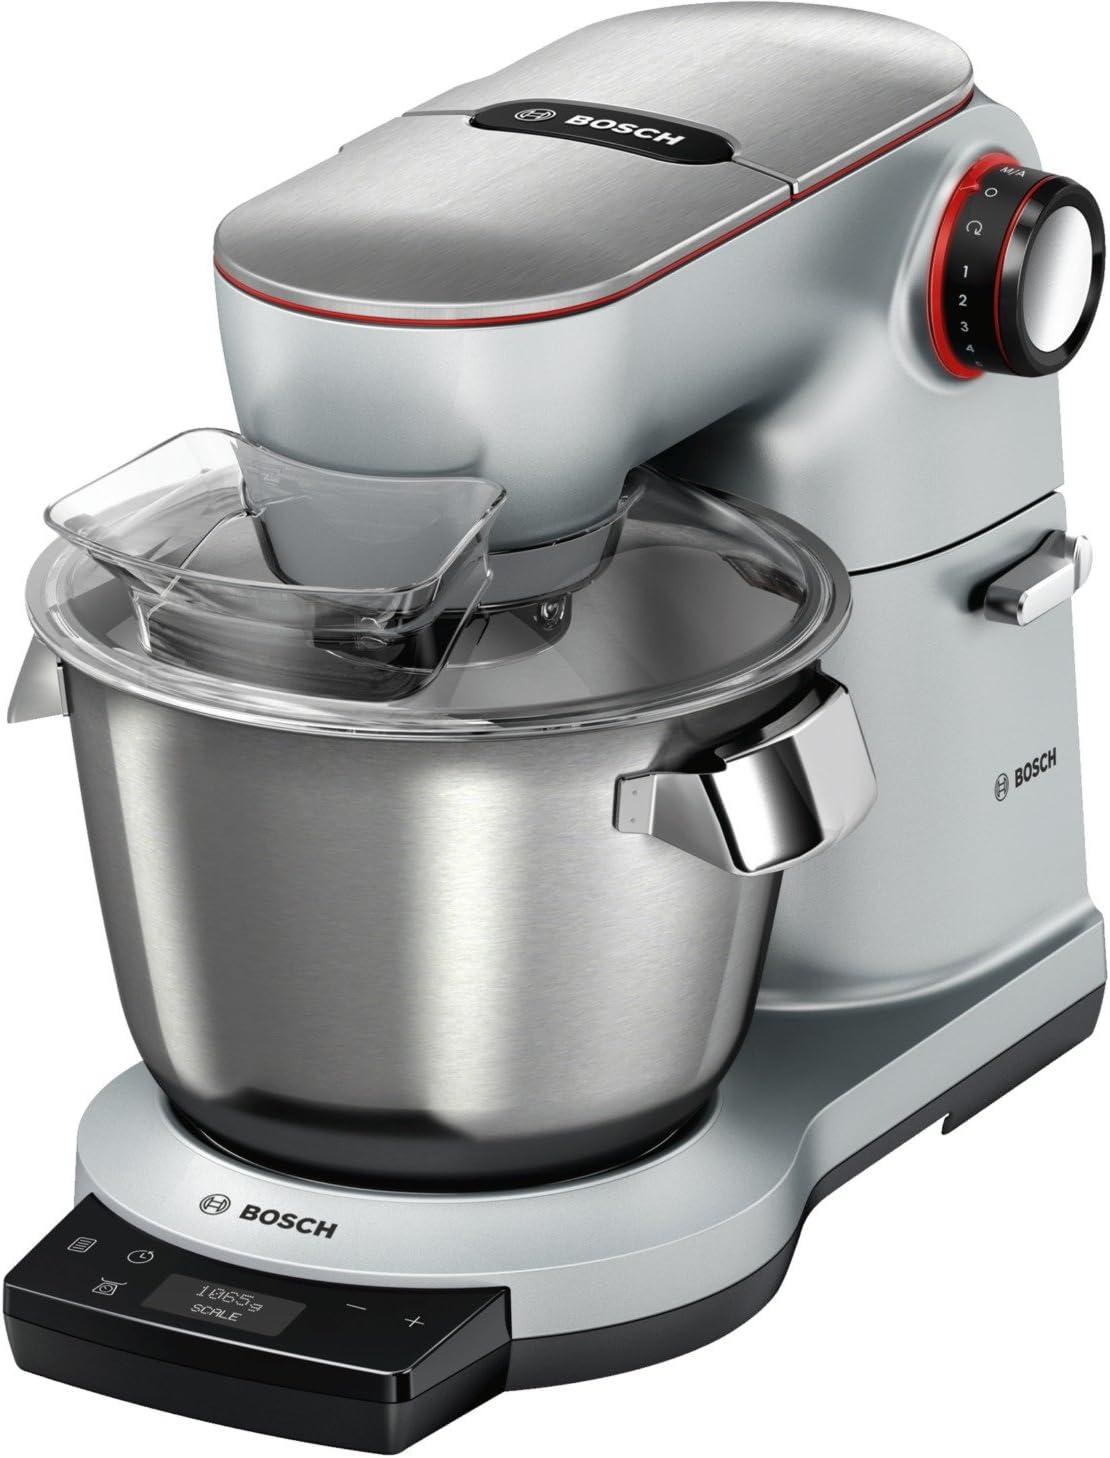 Bosch MUM9AX5S00 robot de cocina 5,5 L Acero inoxidable 1500 W - Robots de cocina (5,5 L, Acero inoxidable, Botones, Giratorio, Acero inoxidable, Aluminio, 1500 W): Amazon.es: Hogar